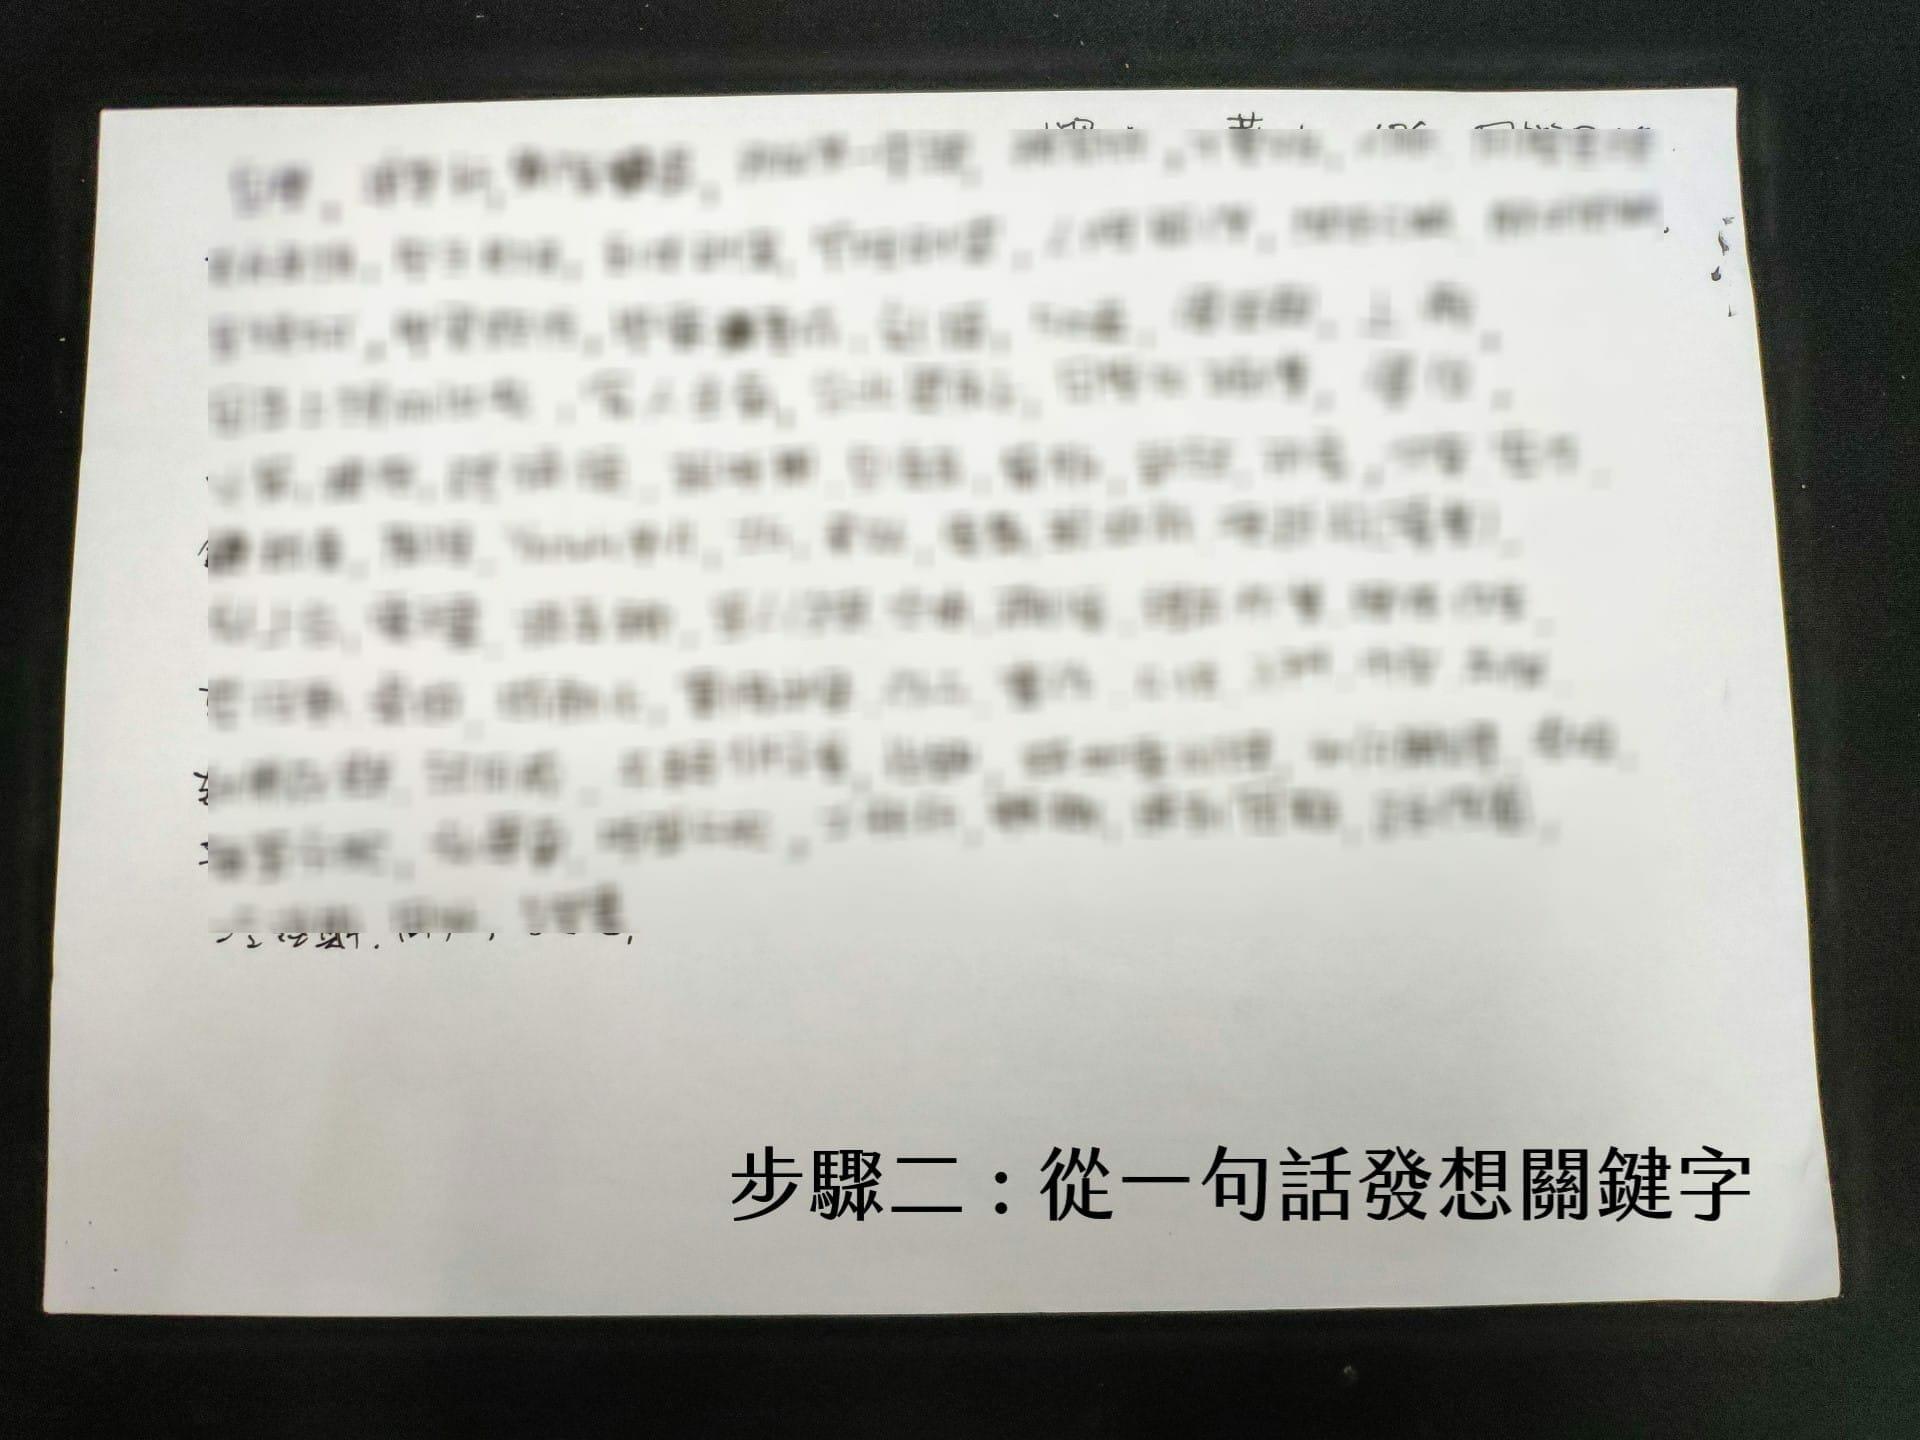 【嘉鴻筆記】關鍵字寫作紀錄 2